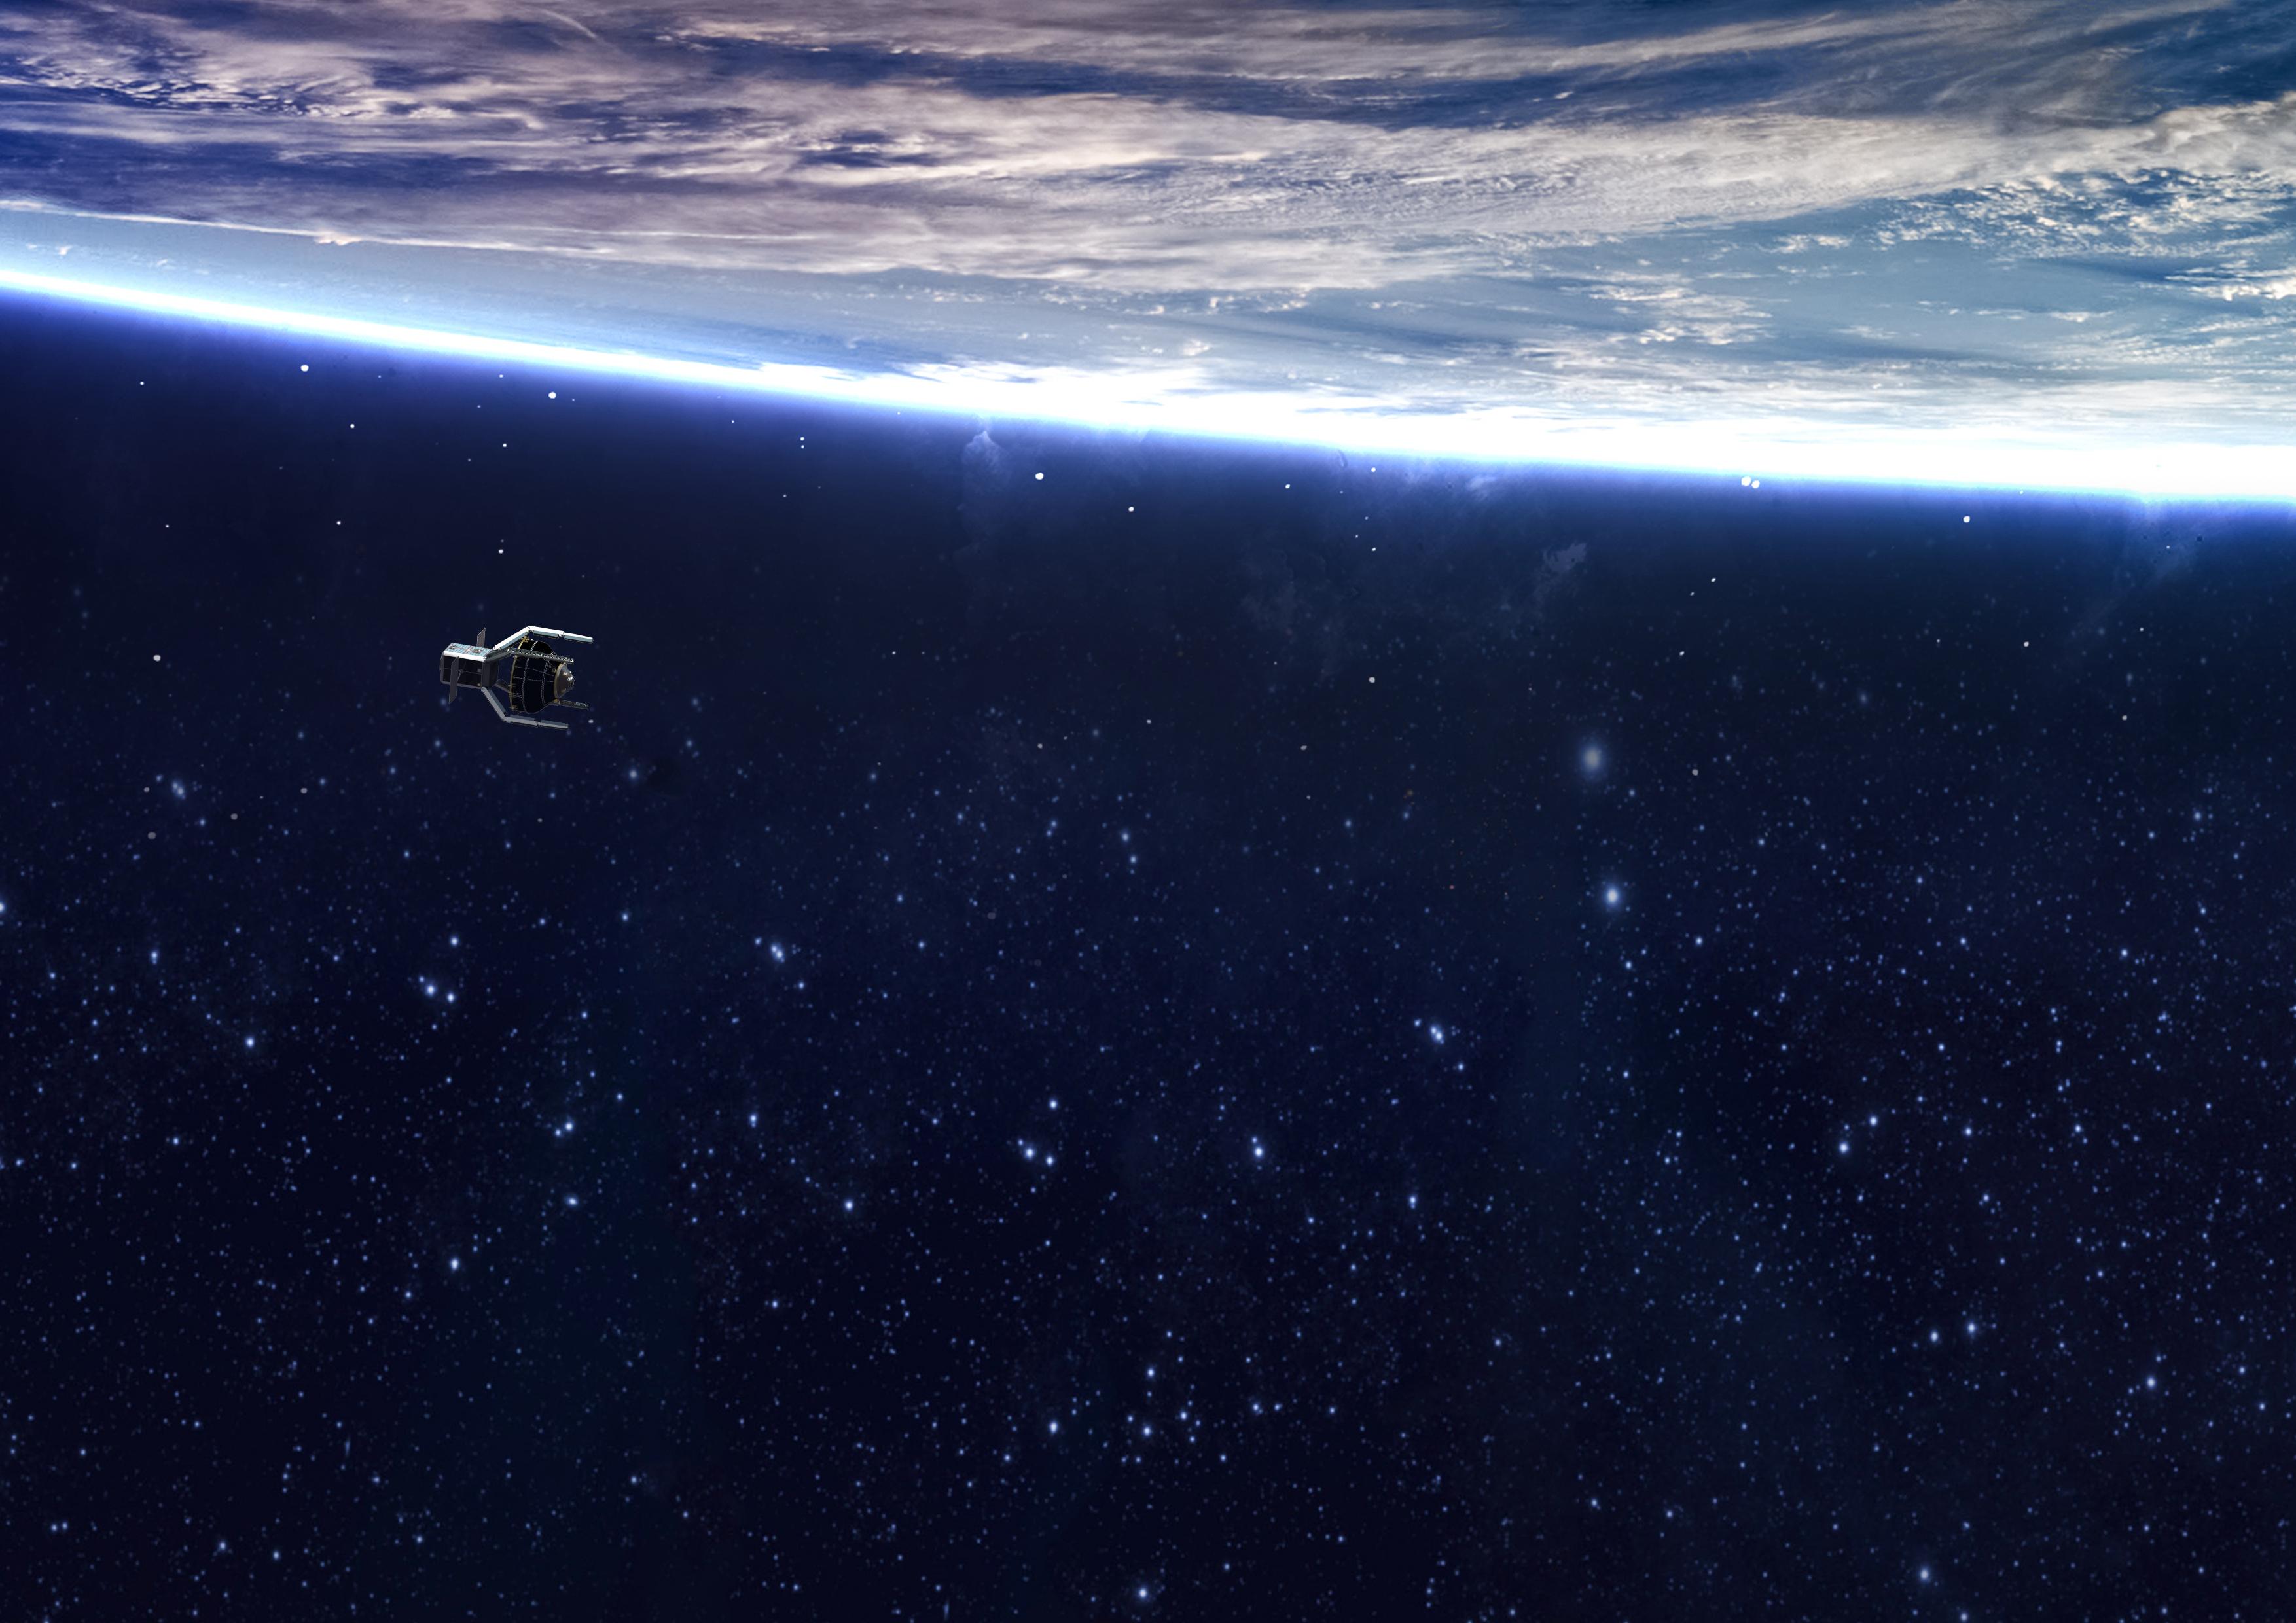 En 2025 lanzarán el primer satélite que limpiará basura de la órbita terrestre